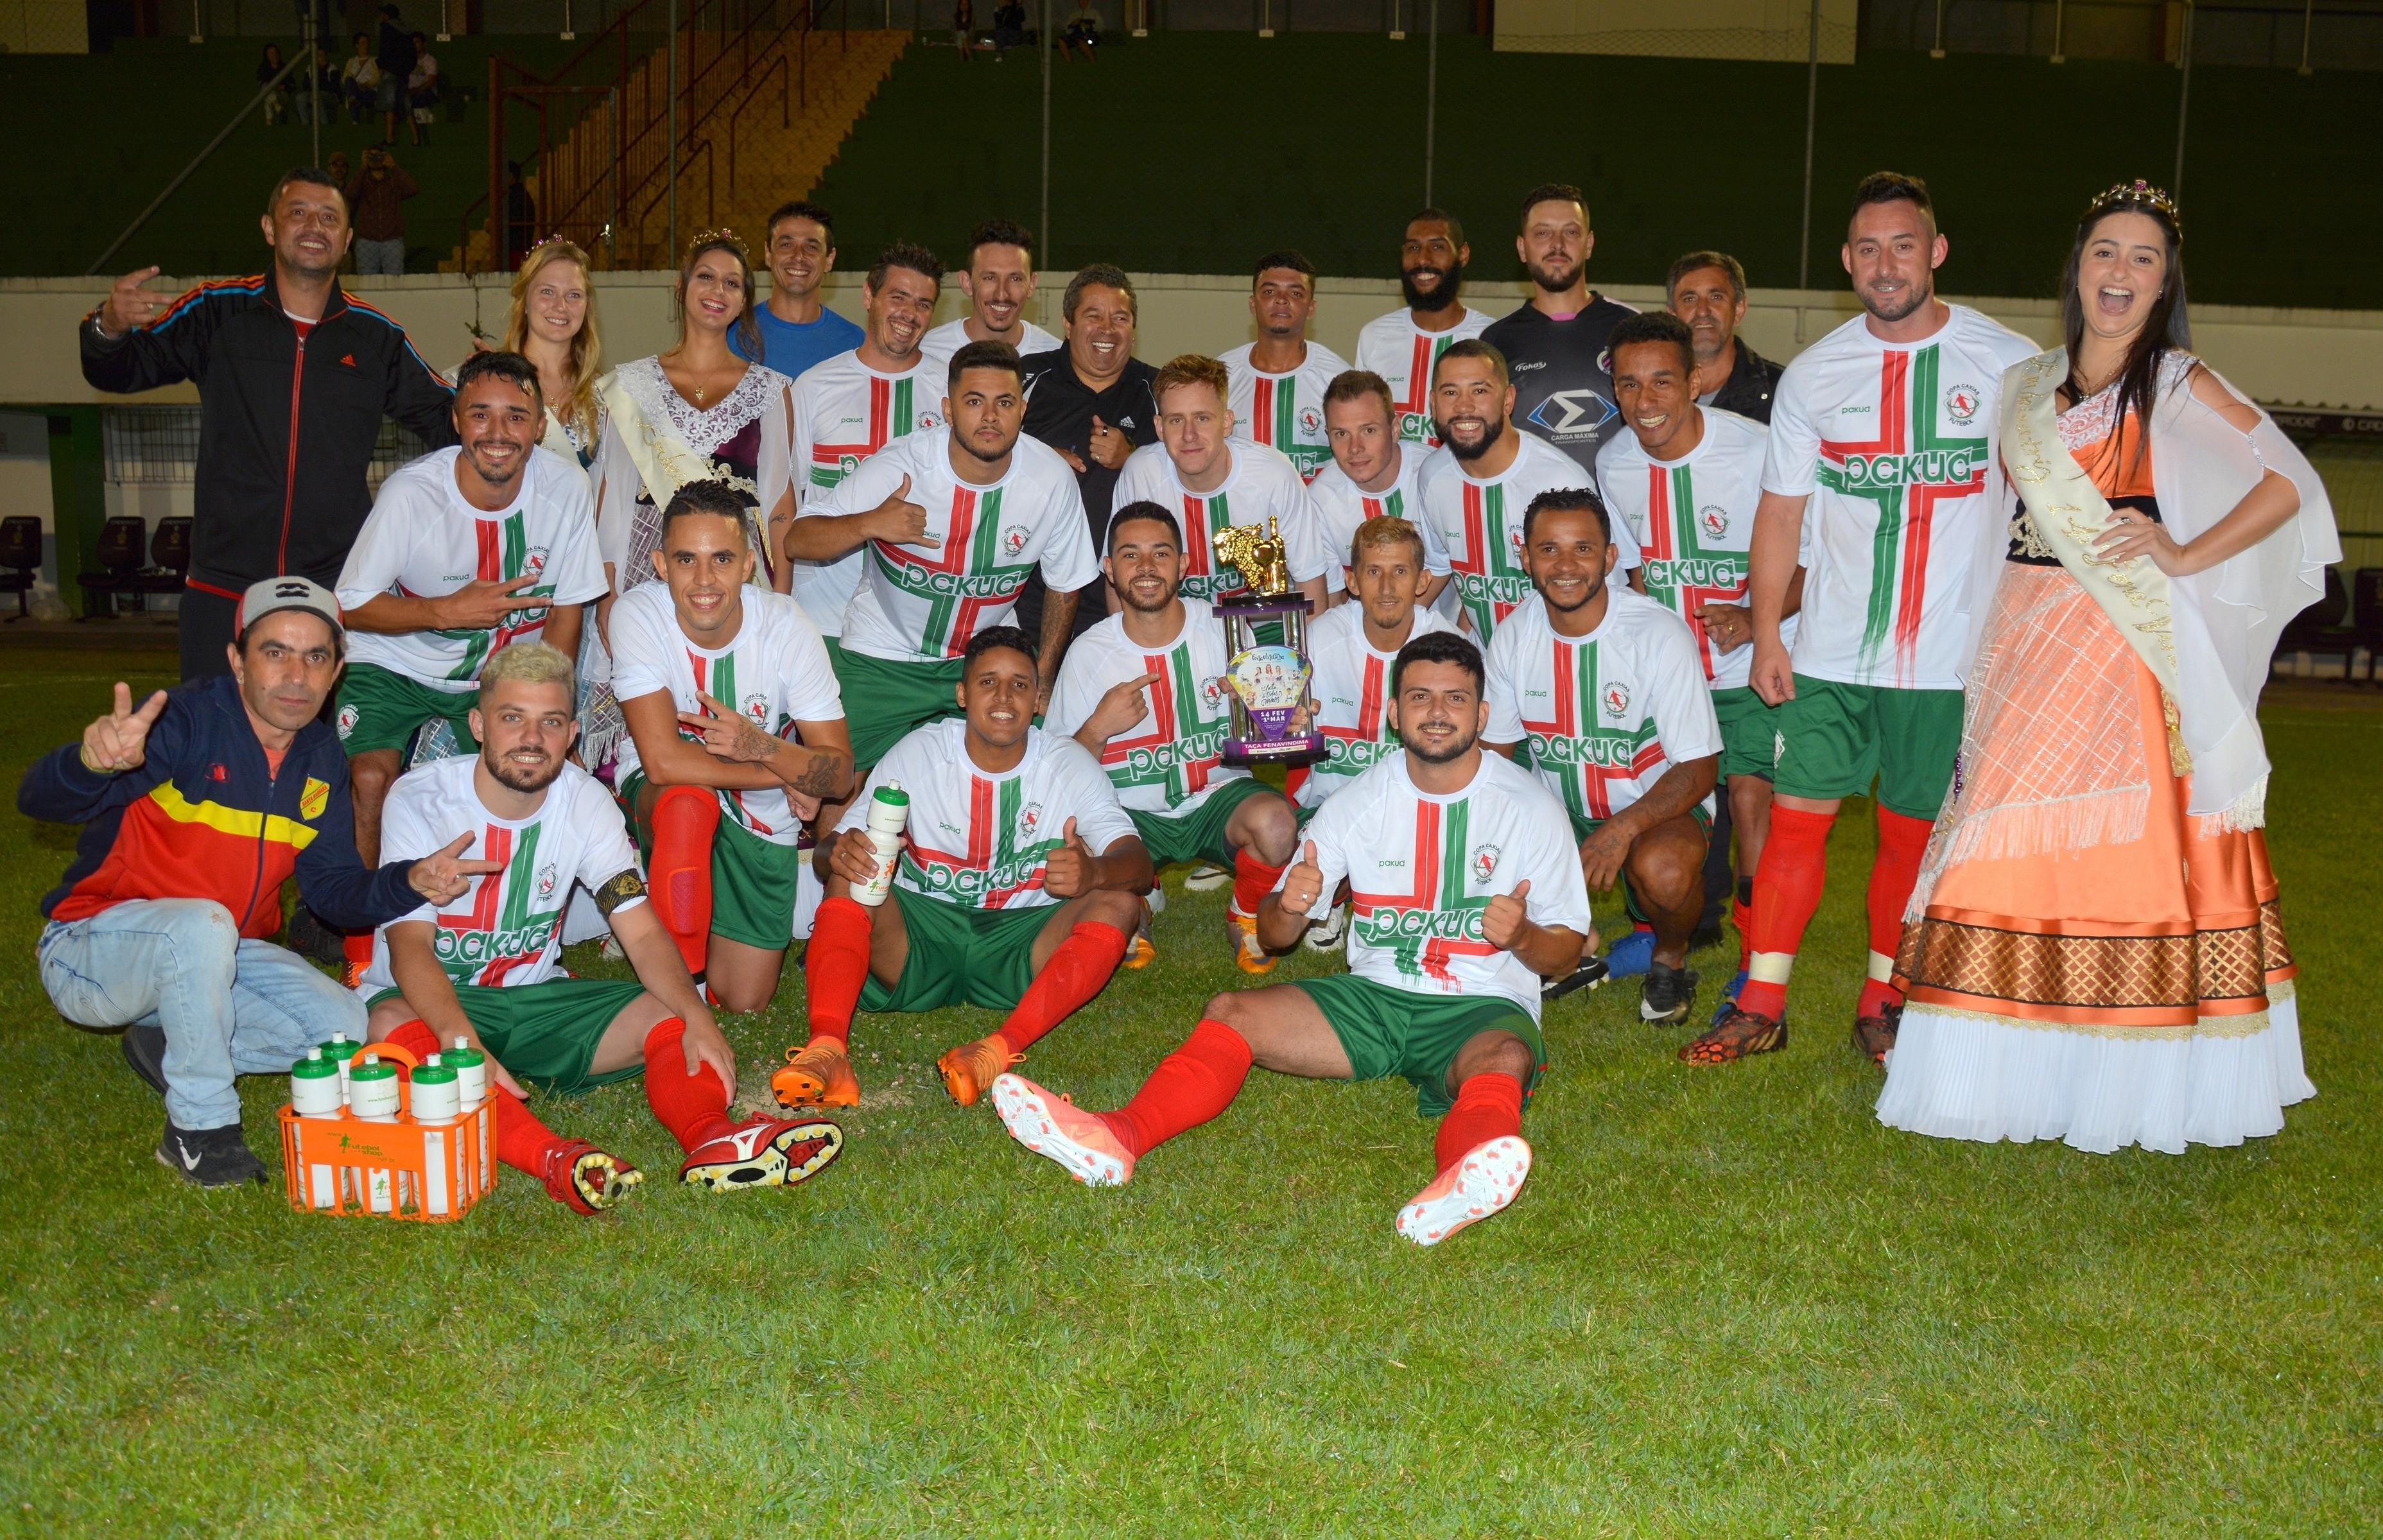 De virada, seleção da Copa Caxias vence e fica com o troféu da Copa FenaVindima